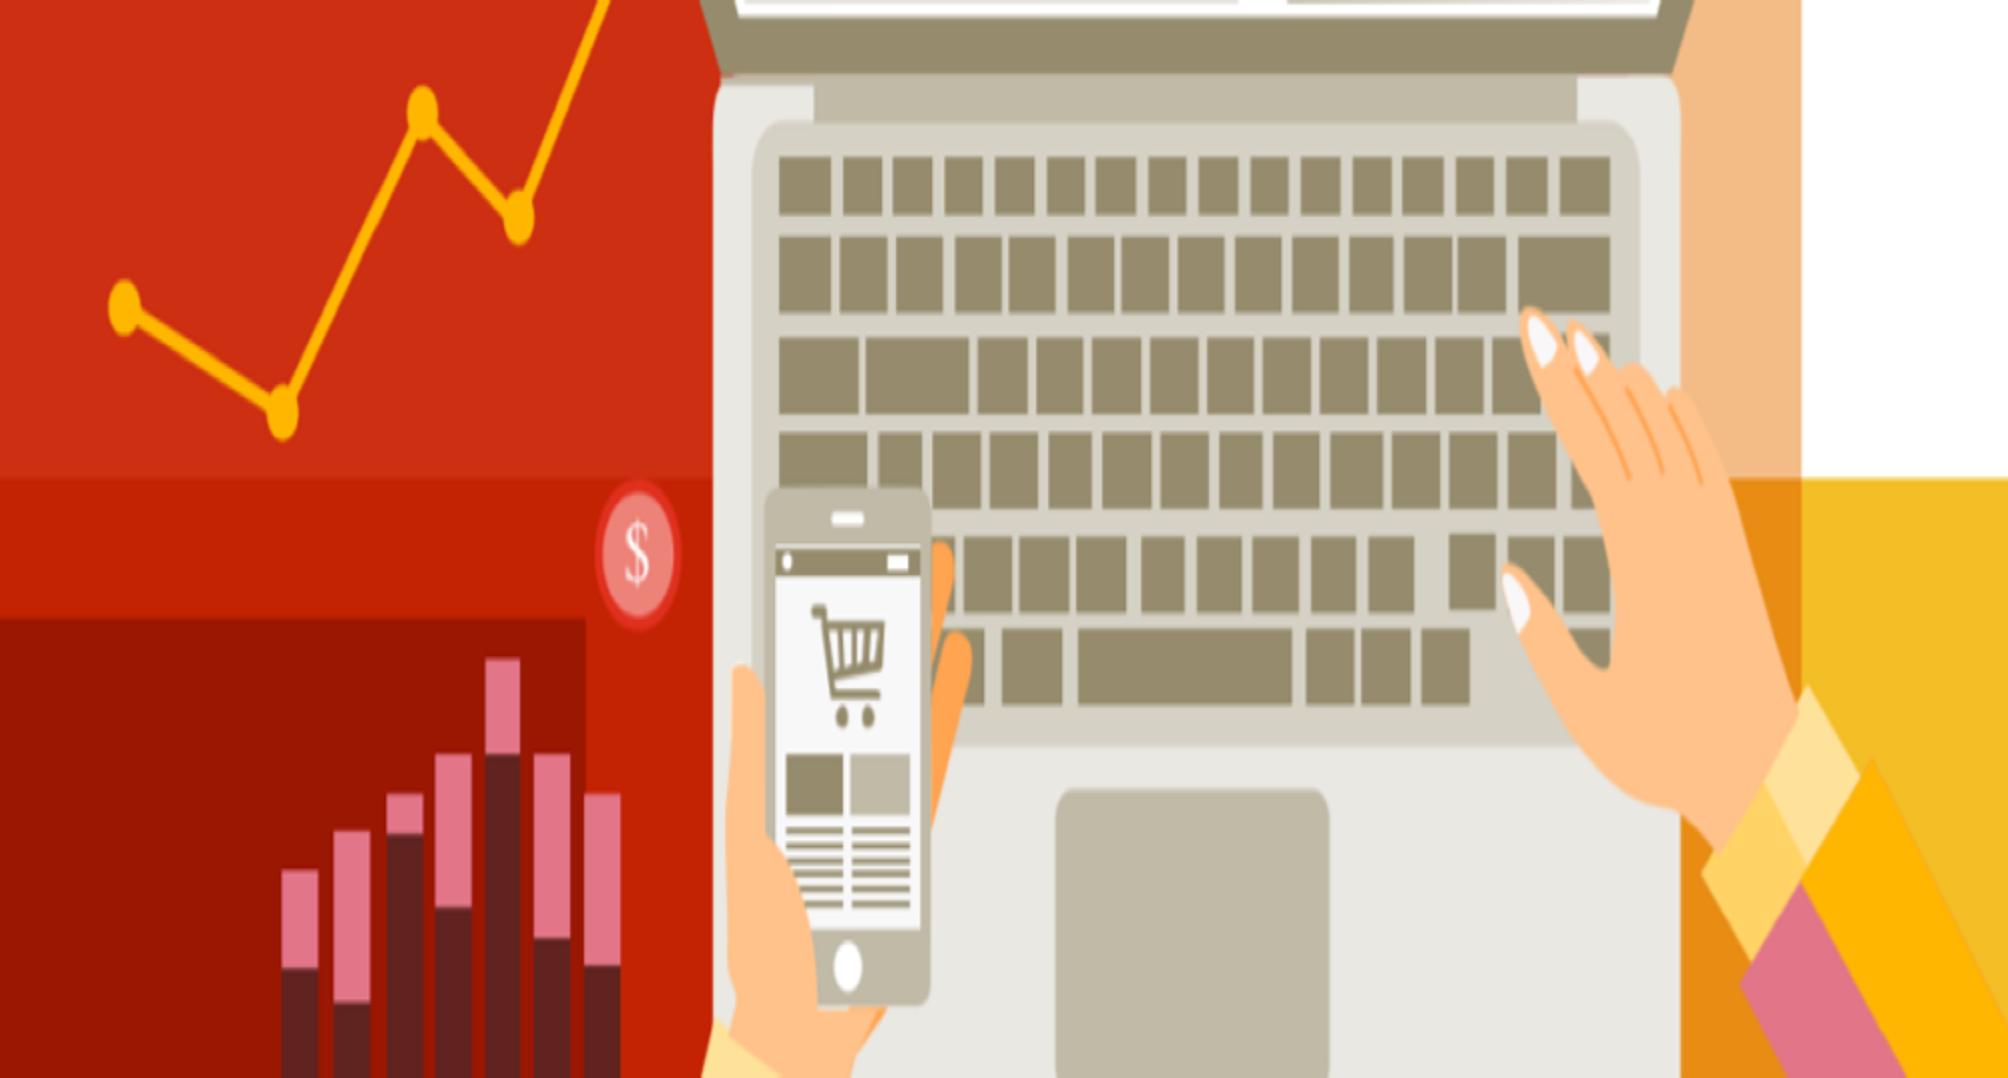 Mercato pubblicitario USA digital 2019: 54,9 miliardi di dollari nel primo semestre